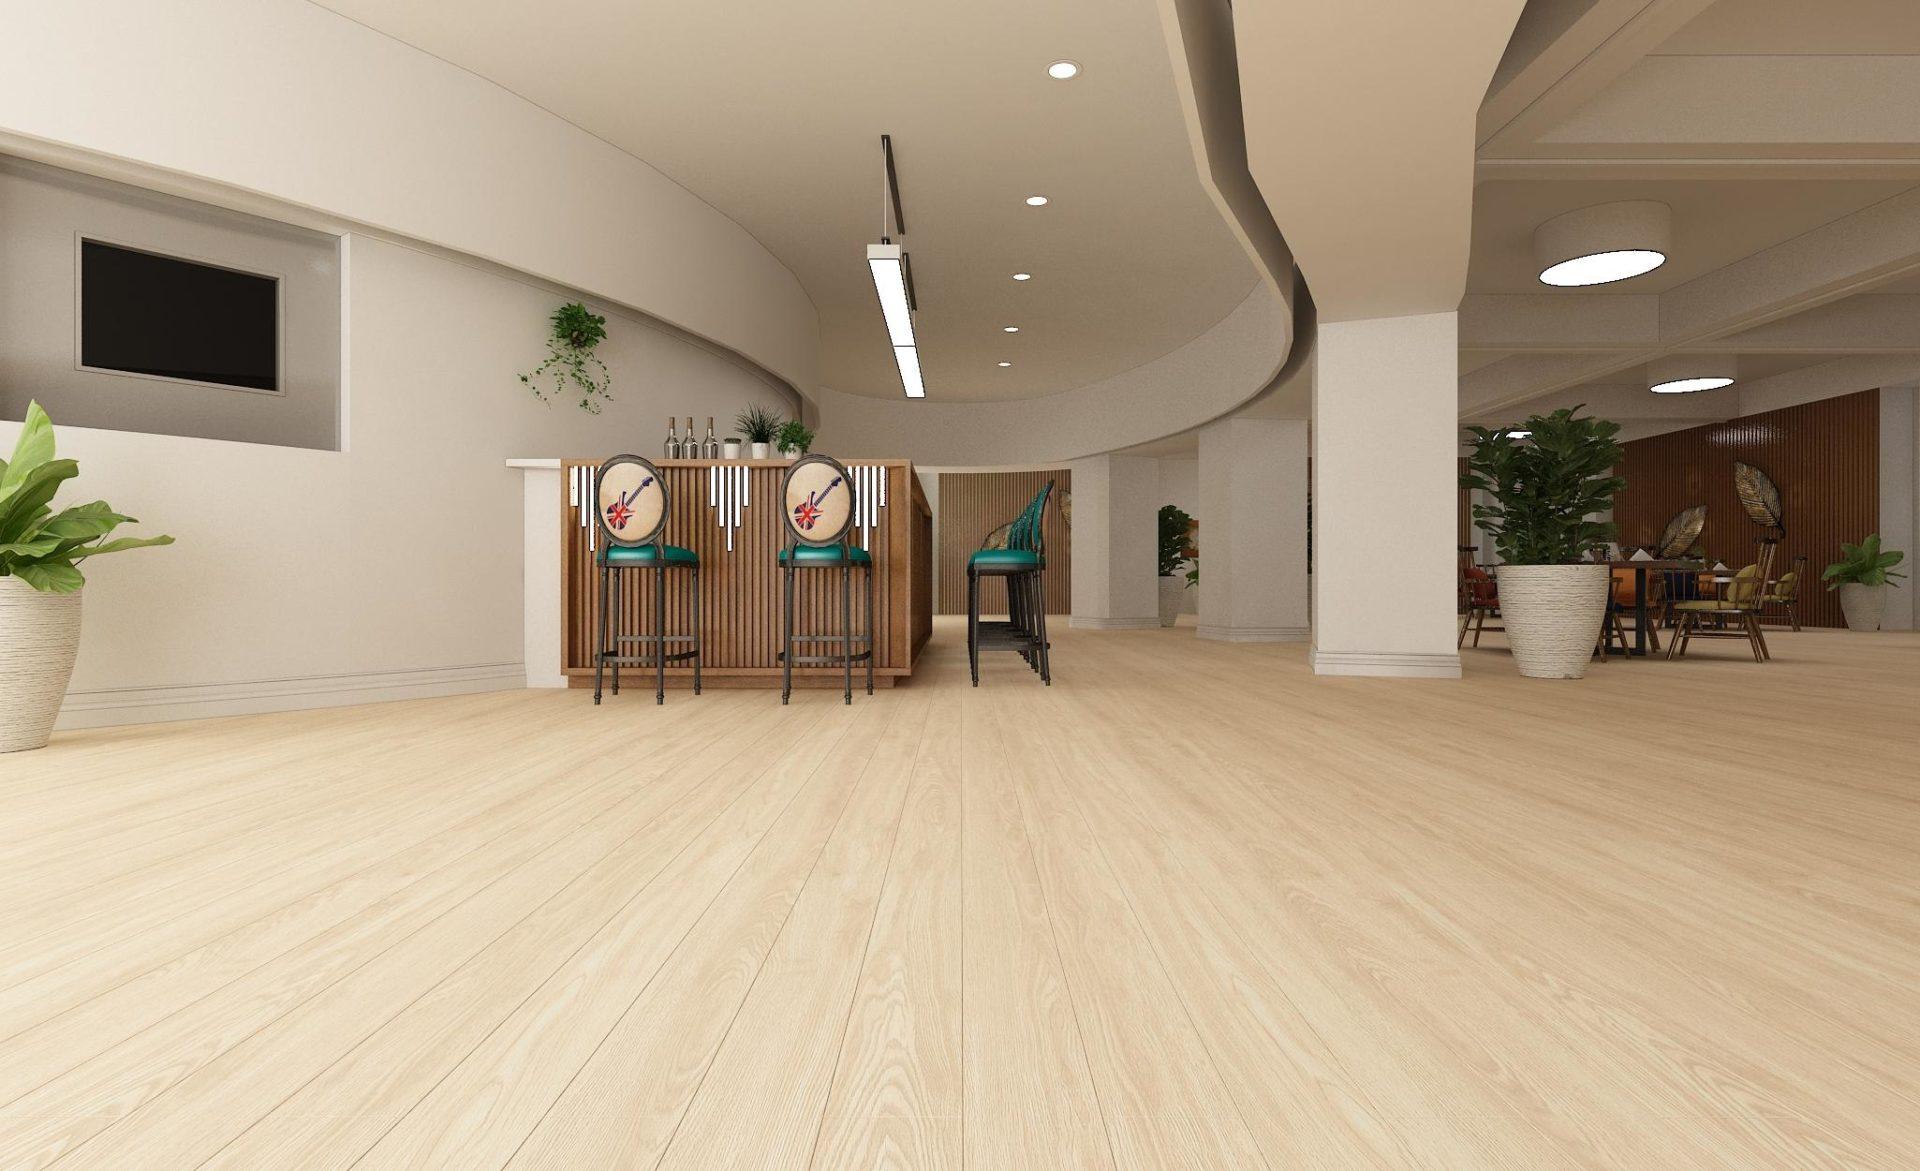 Hotel 1 - Giải pháp kiến trúc dành cho Khách sạn